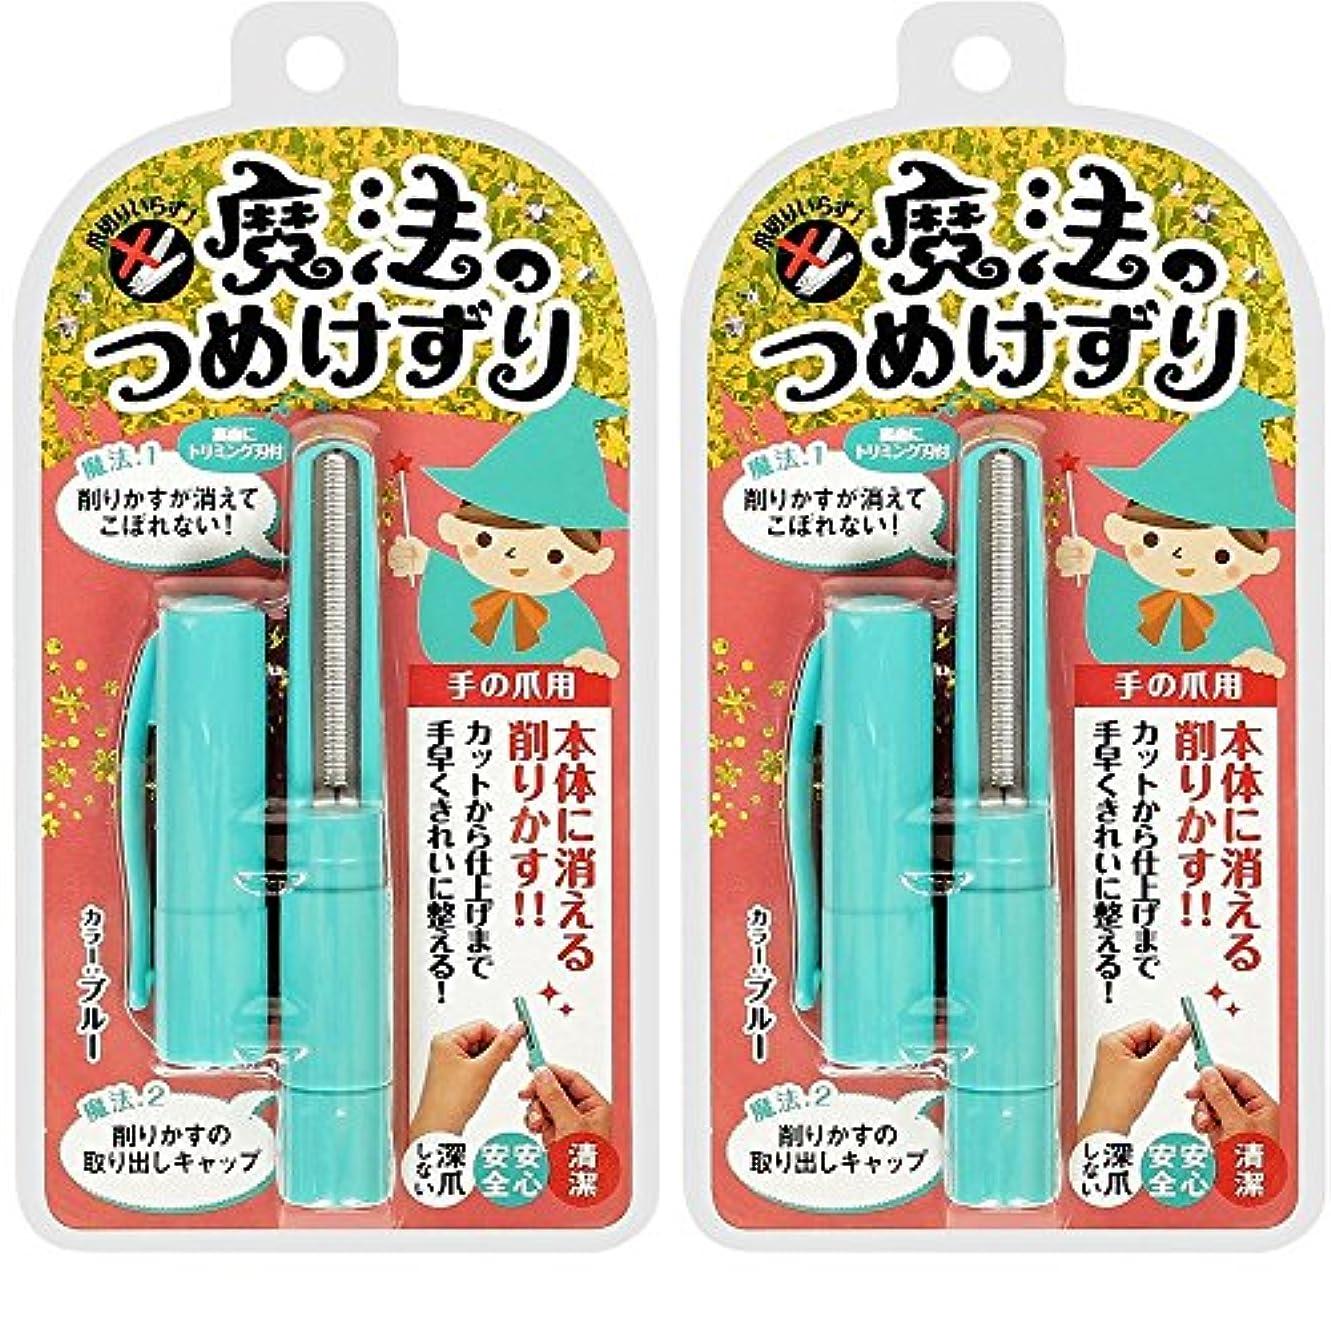 寝室強盗抵抗する【セット品】松本金型 魔法のつめけずり MM-091 ブルー 2個